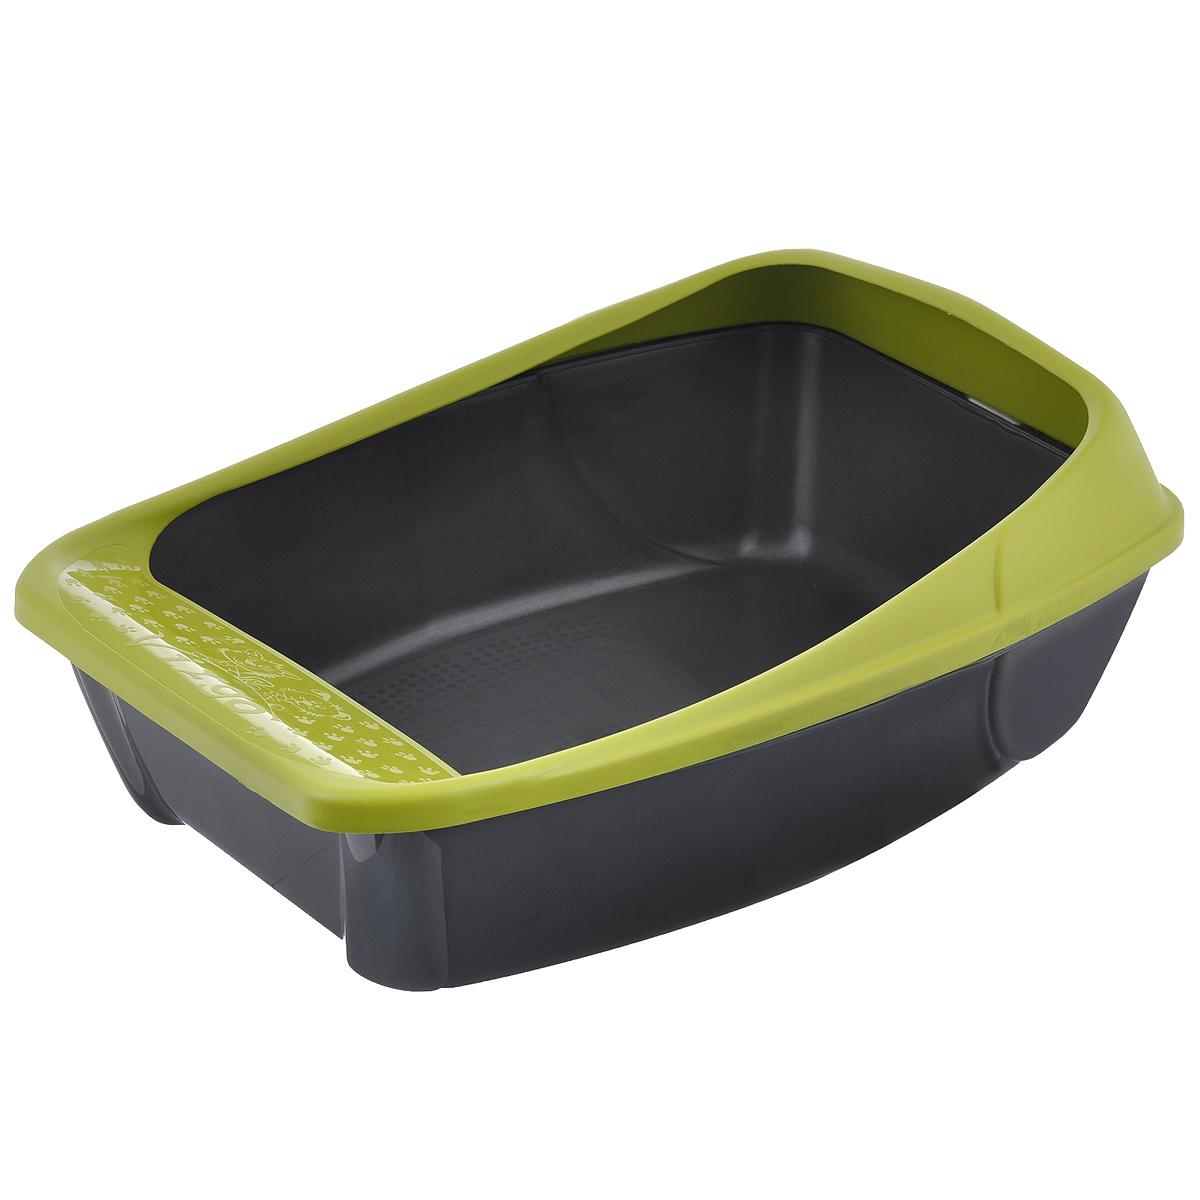 Туалет для кошек MPS  Virgo , с бортом, цвет: салатовый, 52 см х 39 см х 20 см - Наполнители и туалетные принадлежности - Лотки и совки